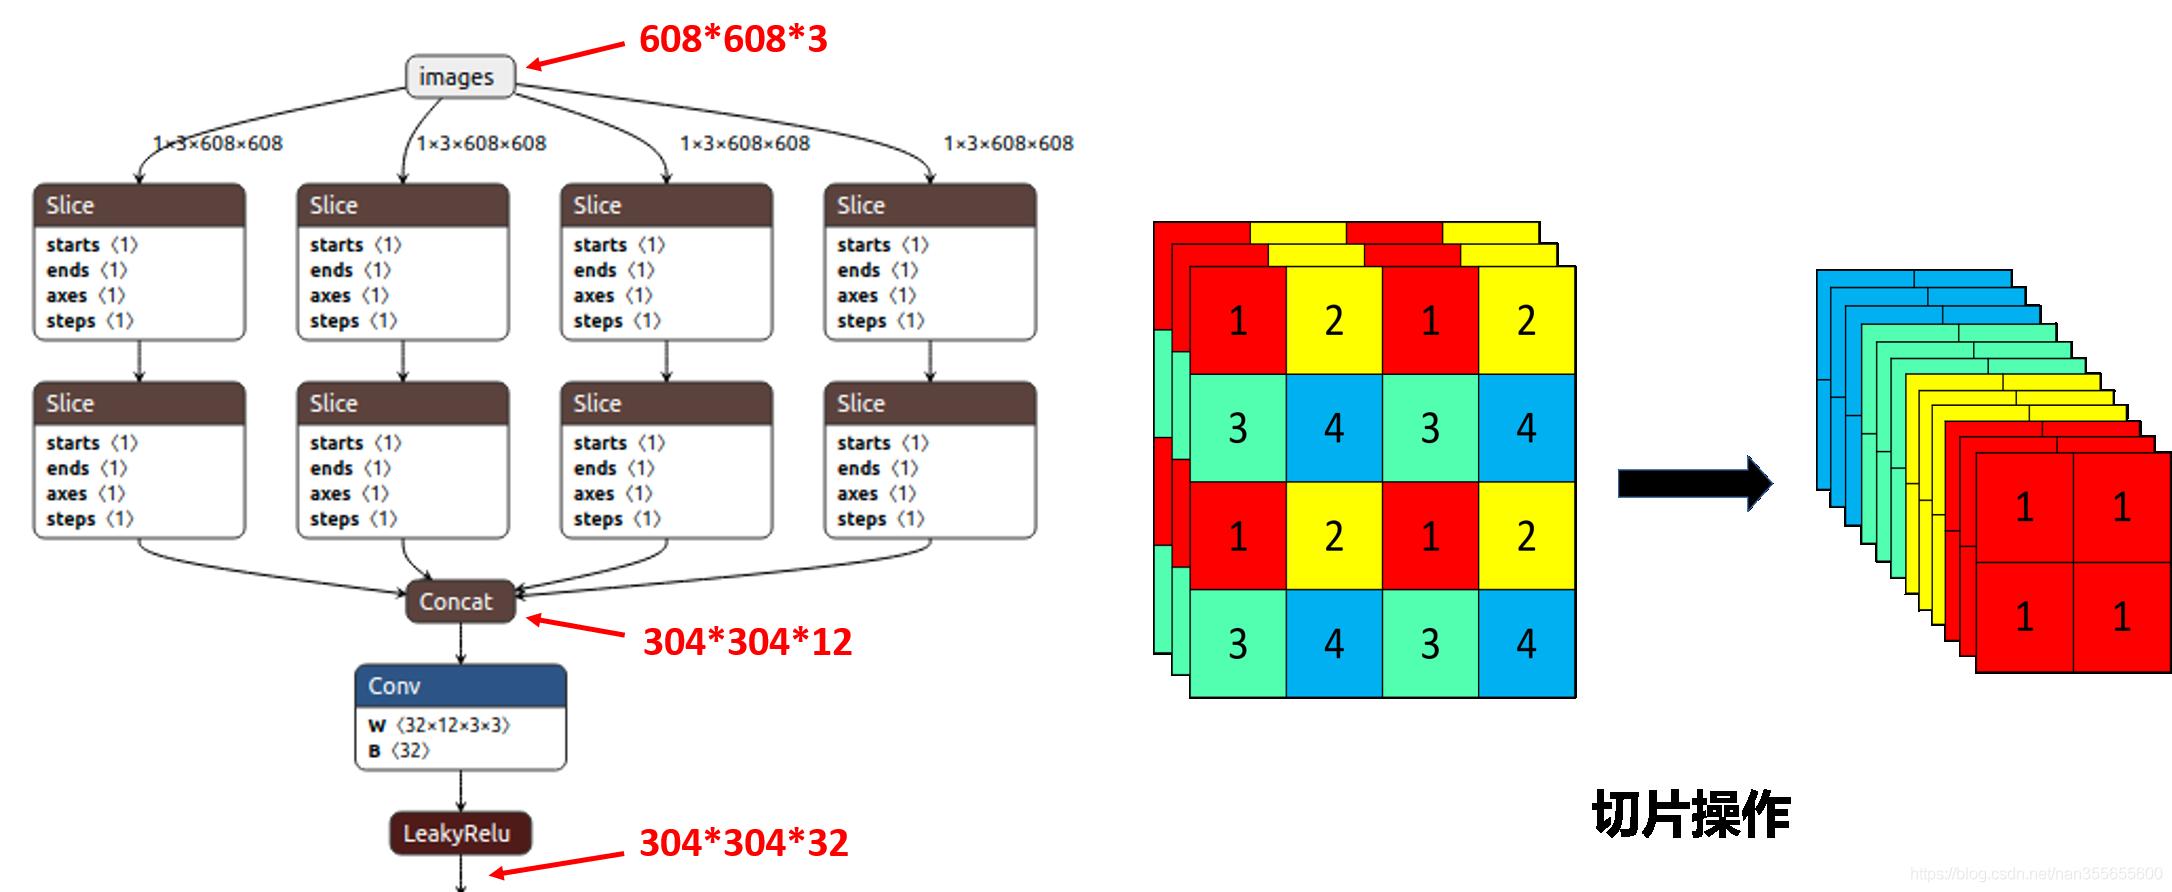 深入浅出Yolo系列之Yolov5核心基础知识完整讲解江南研习社-yolov5